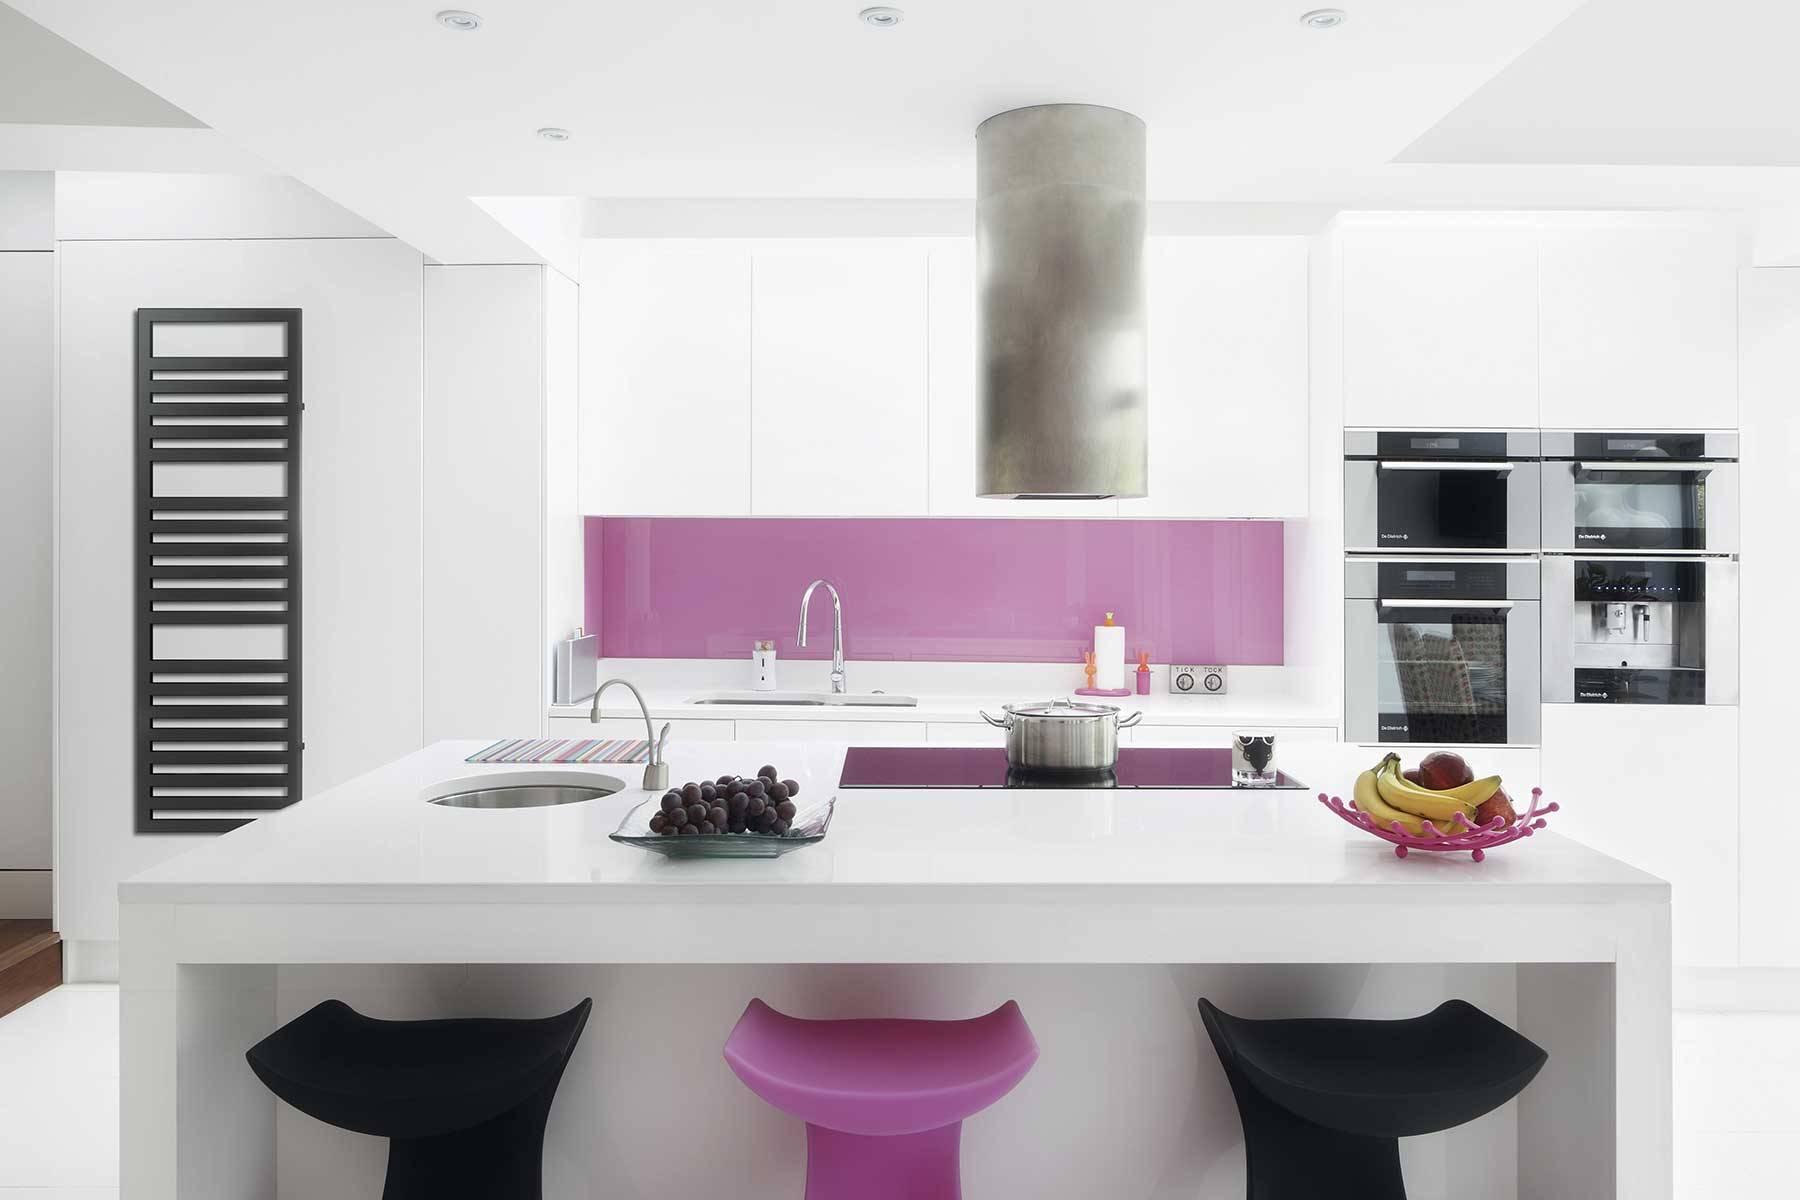 sèche-serviettes URBINO_anthracite_ambiance_kitchen